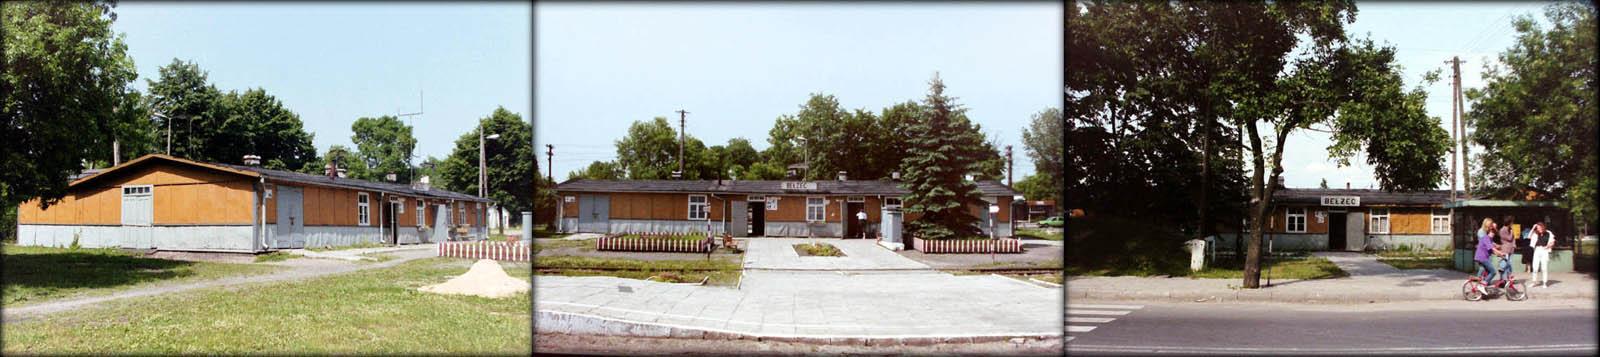 Dworzec w Bełżcu w dniach 20.06.1992 i 27.06.1992 (jako trzeci).